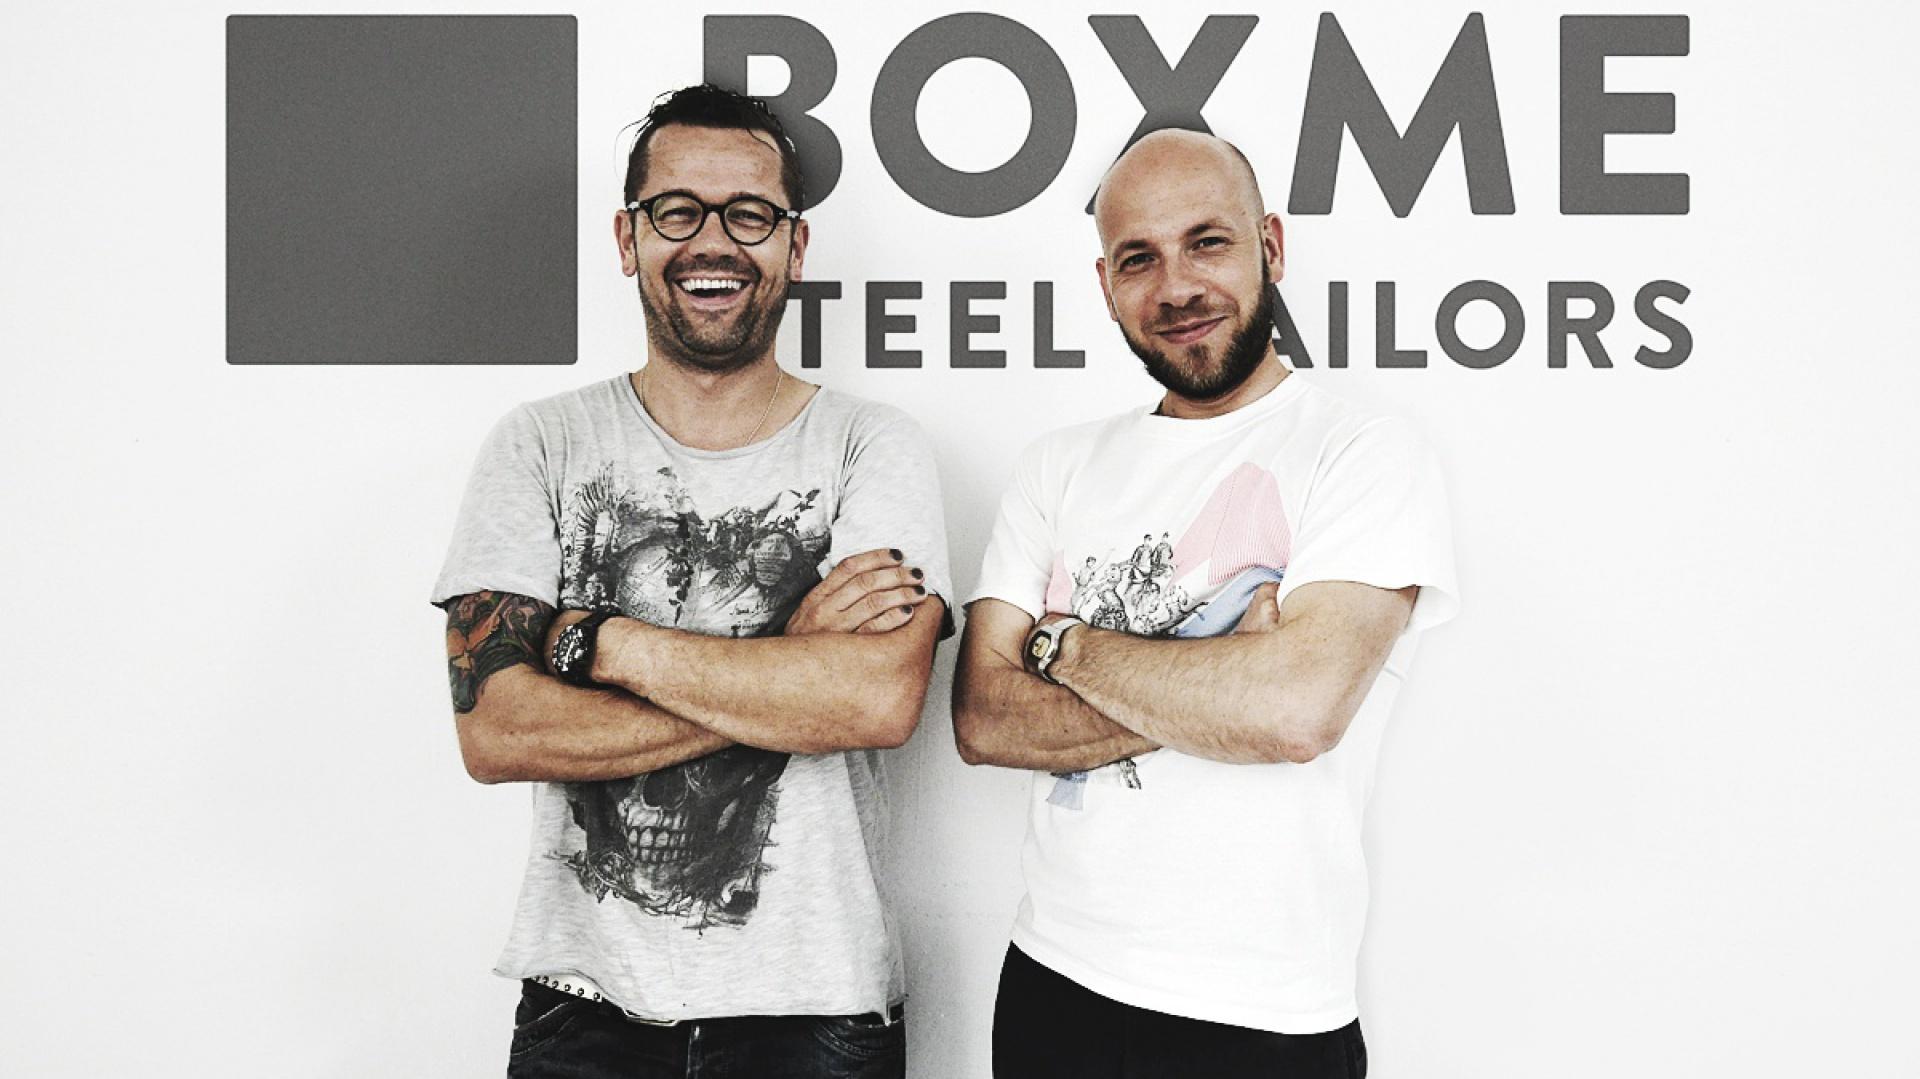 Marek Mielnicki oraz Wojtek Wysocki, projektanci i właściciele marki Boxme Steel Tailors, projektującej różne pomieszczenia z kontenerów. Fot. Archiwum projektantów